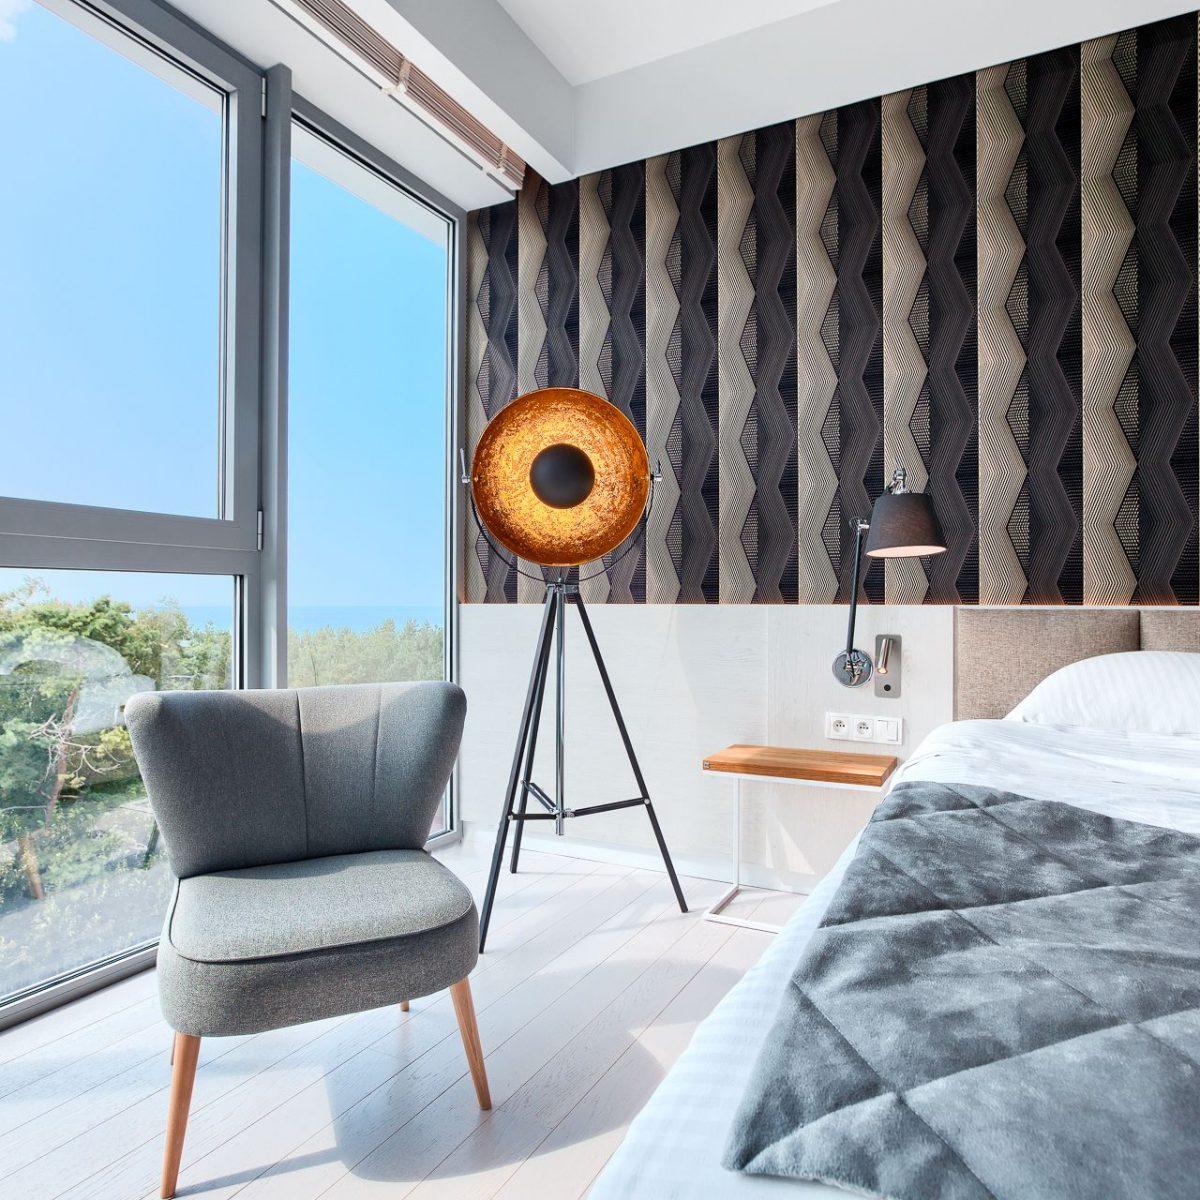 mielno dune apartamenty z widokiem na morze